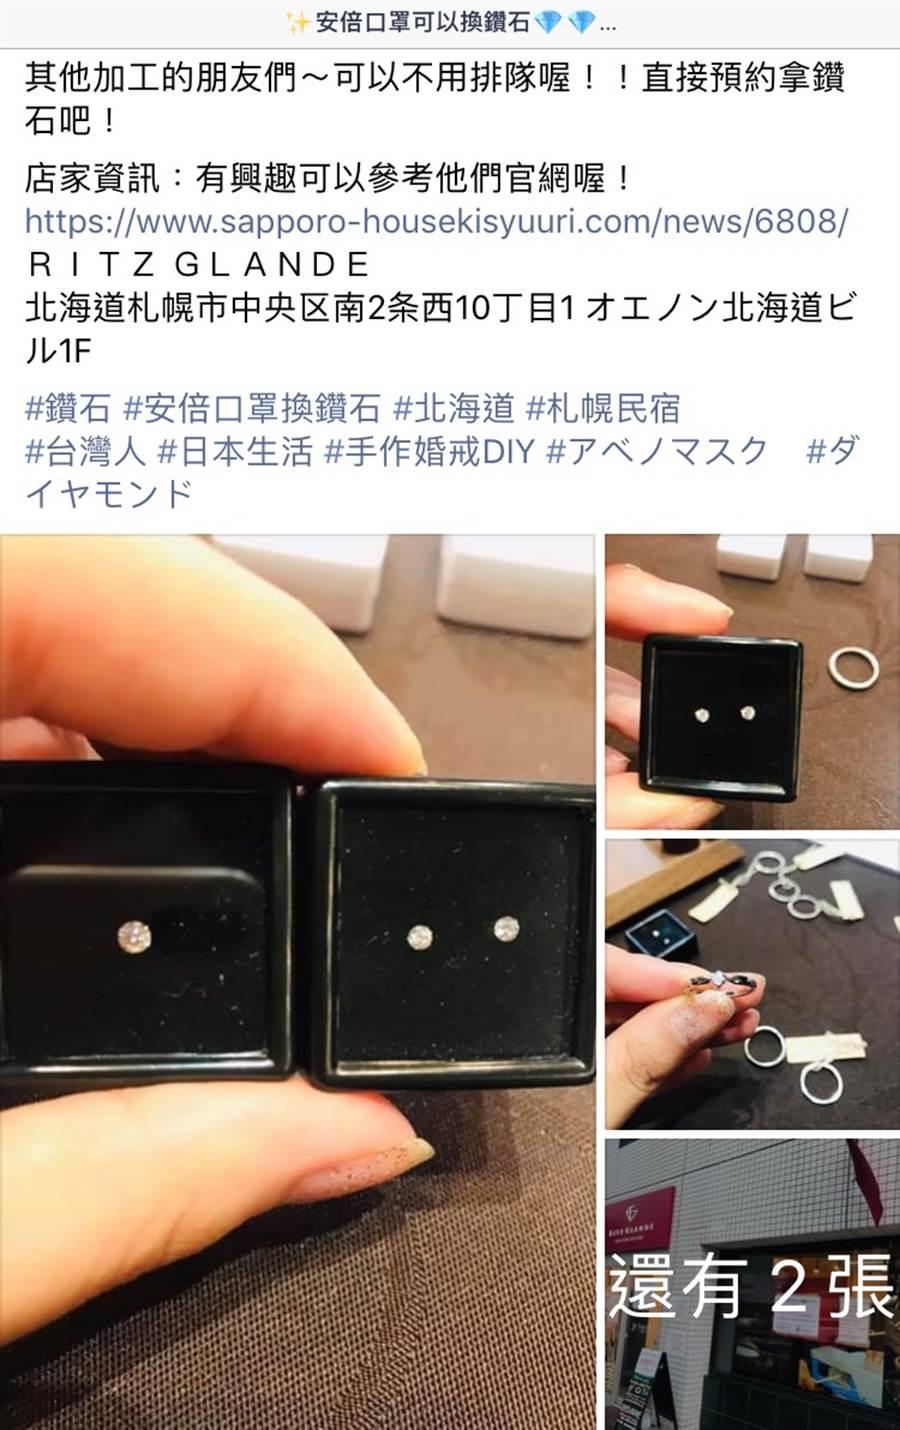 「安倍口罩」可換鑽石!珠寶店超狂活動,網激動:現賺1萬。(圖/翻攝自臉書「E.G House in Hokkaido札幌民宿」)